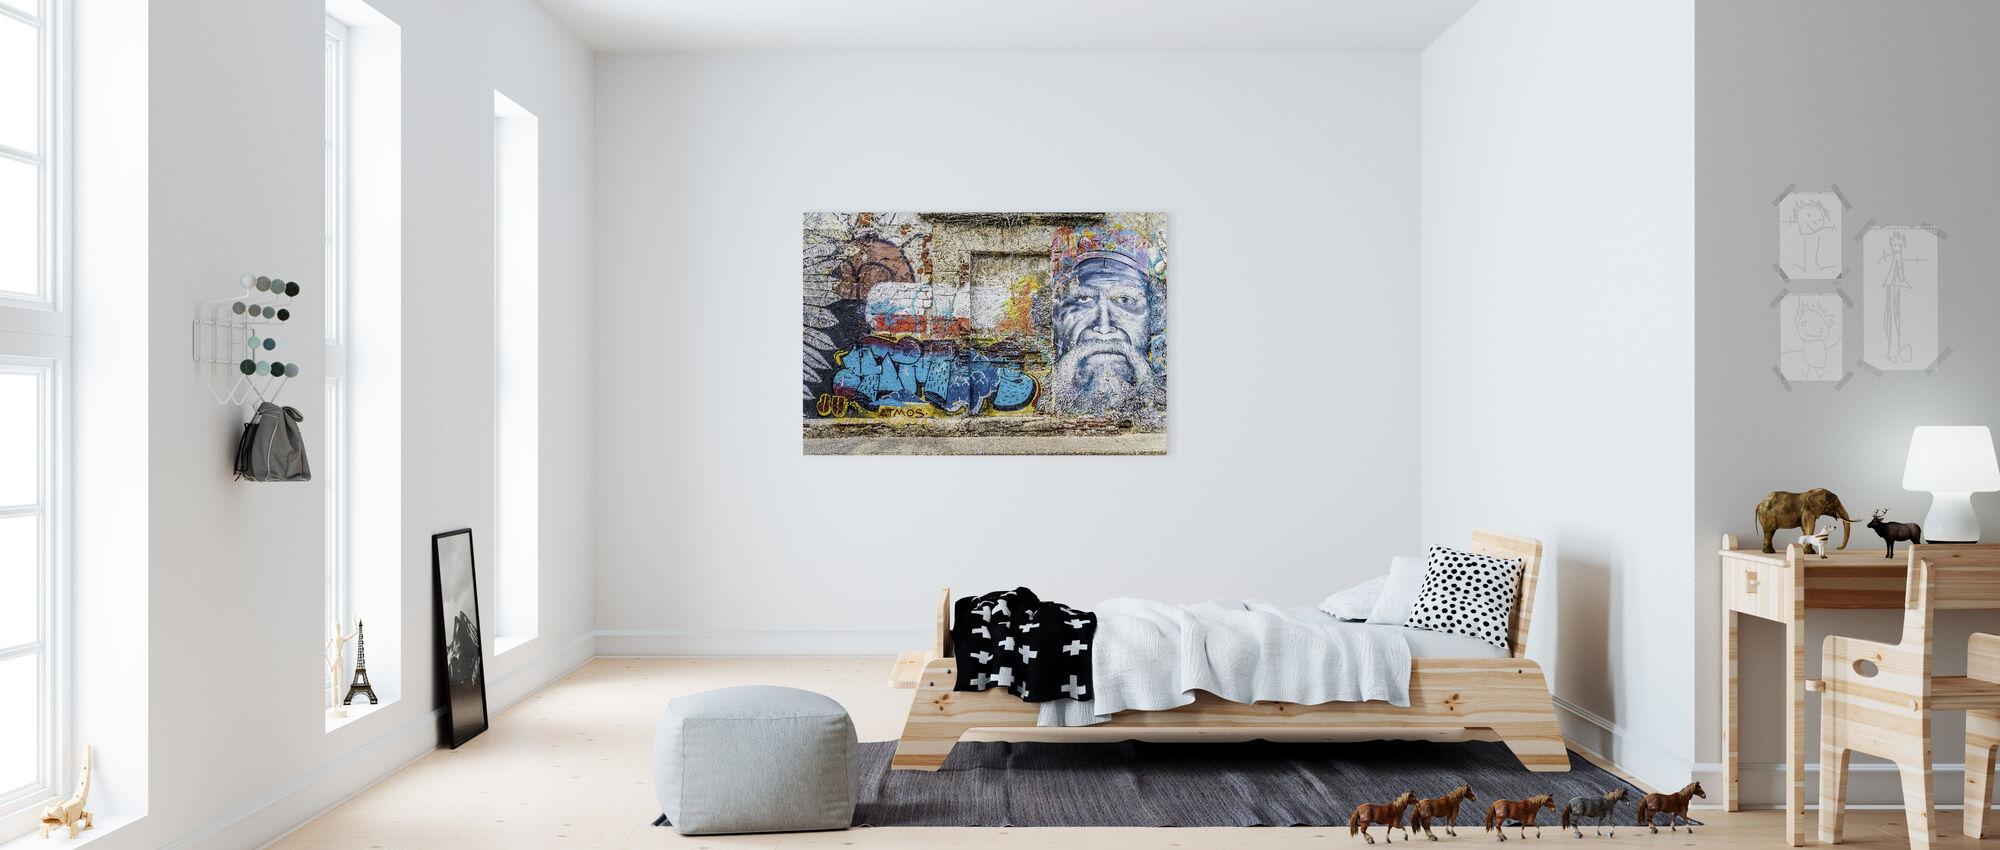 Wall Graffiti - Canvas print - Kids Room